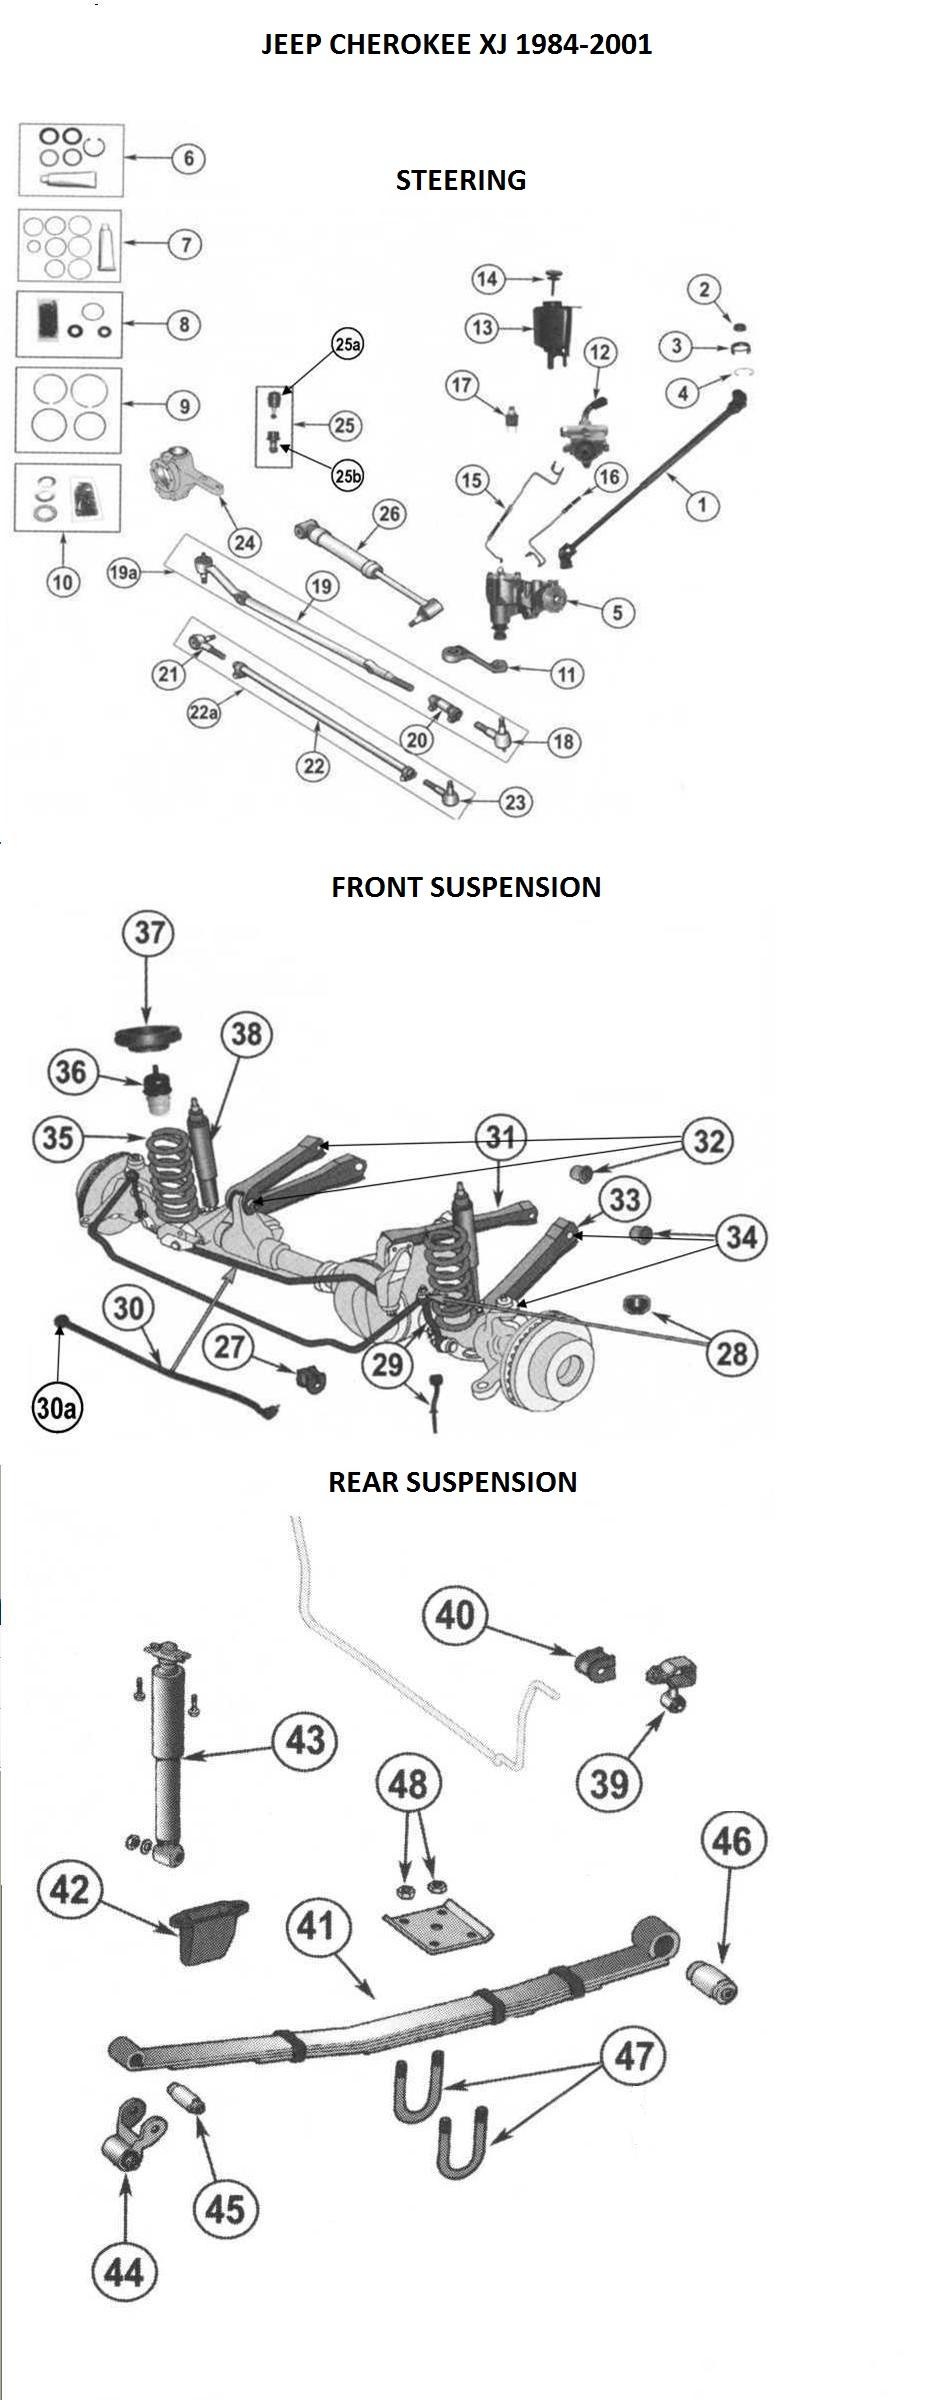 No. on diagram 6